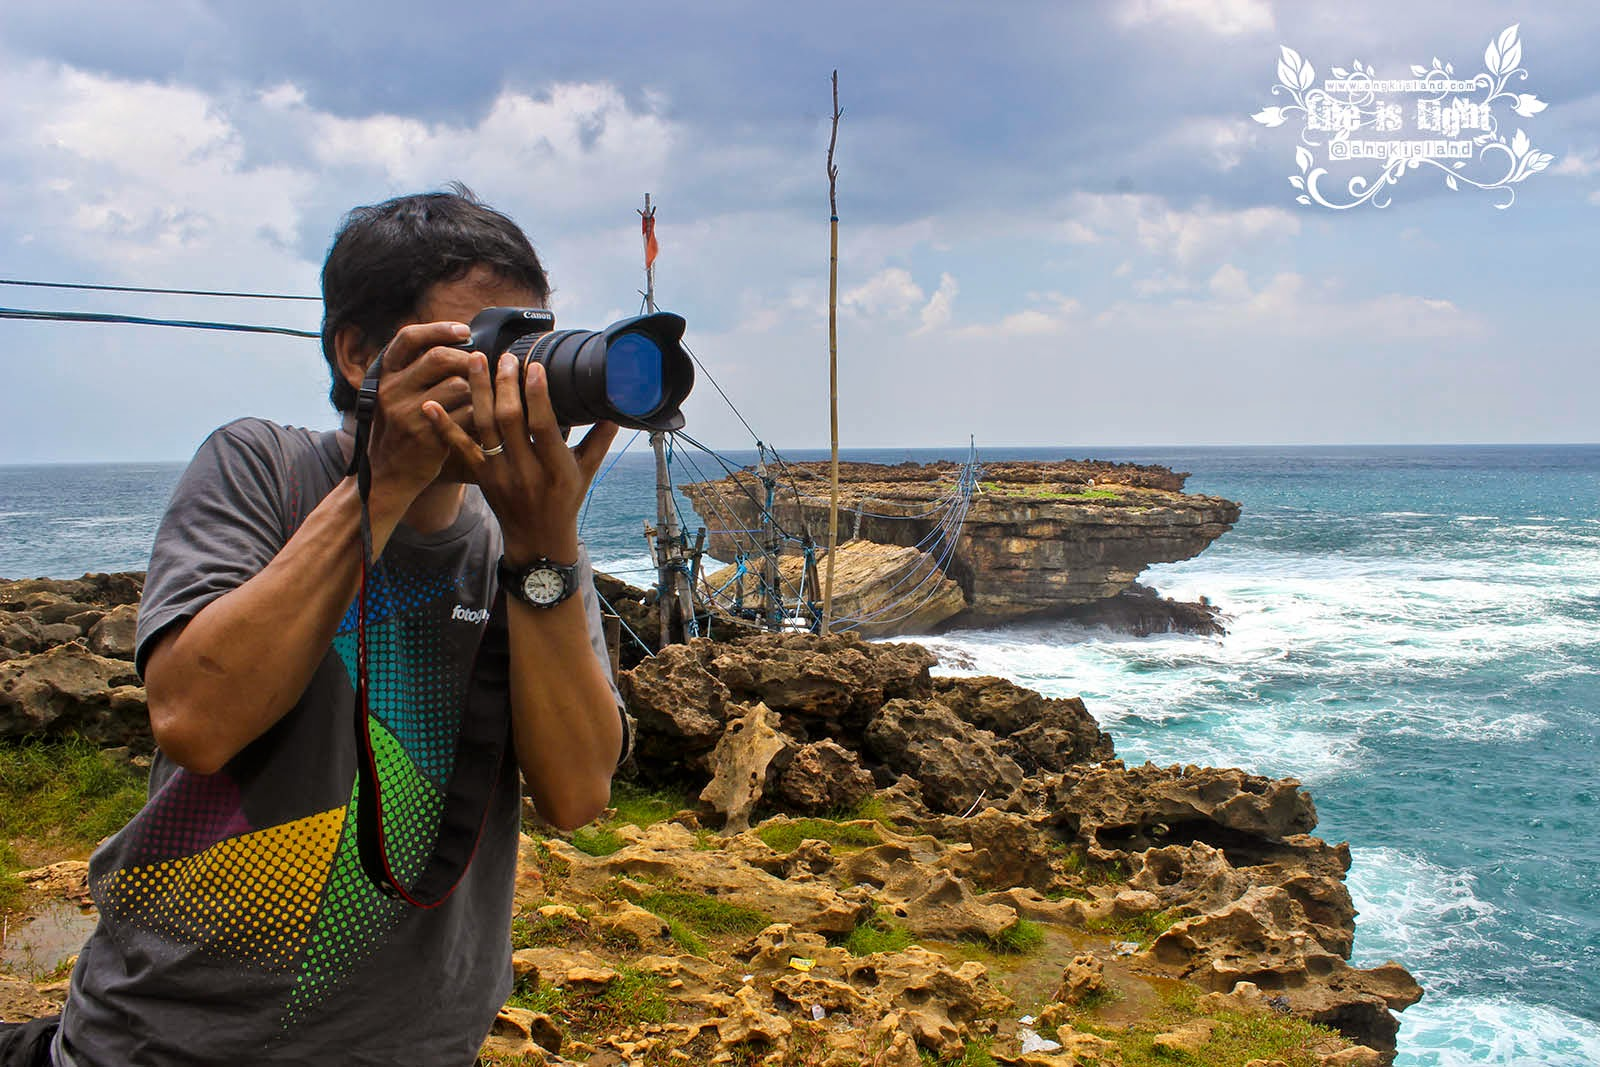 fotografer timang